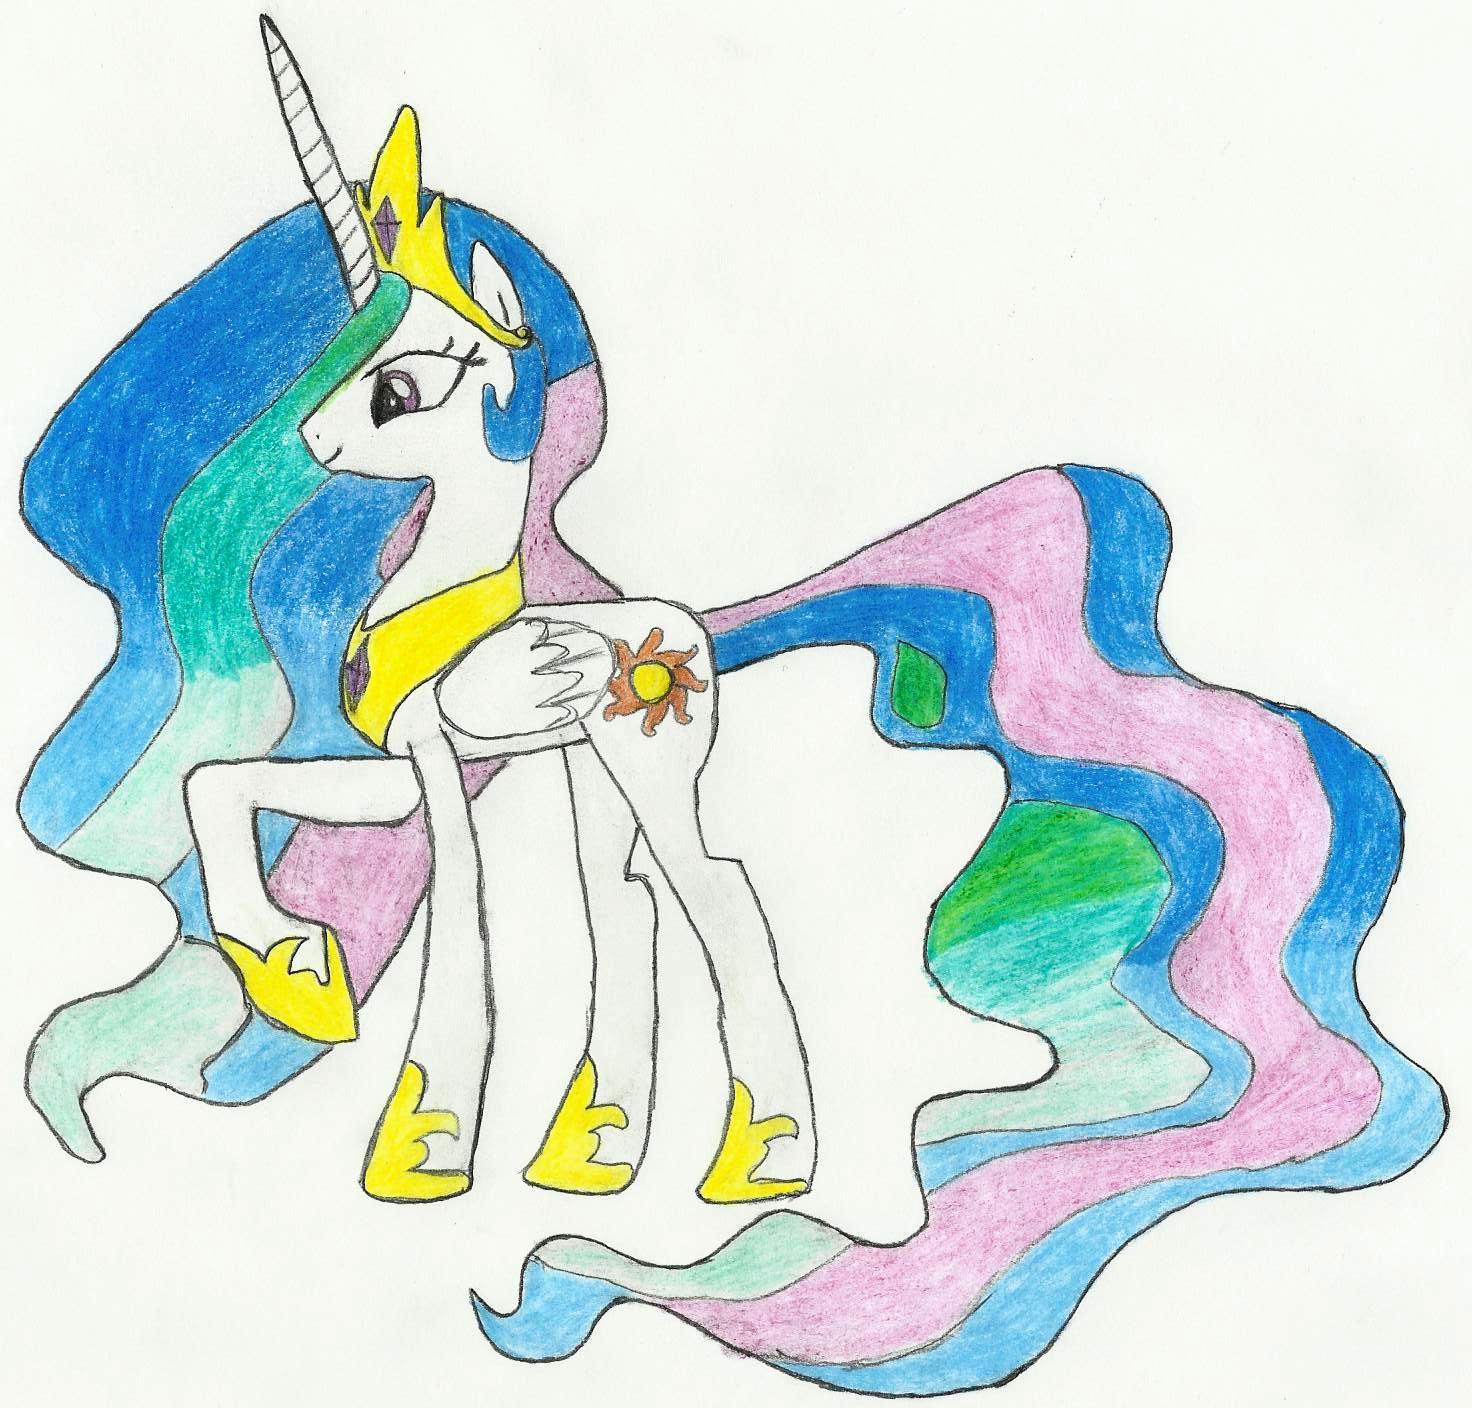 Drawn princess princess celestia Princess Princess seanway715 on seanway715